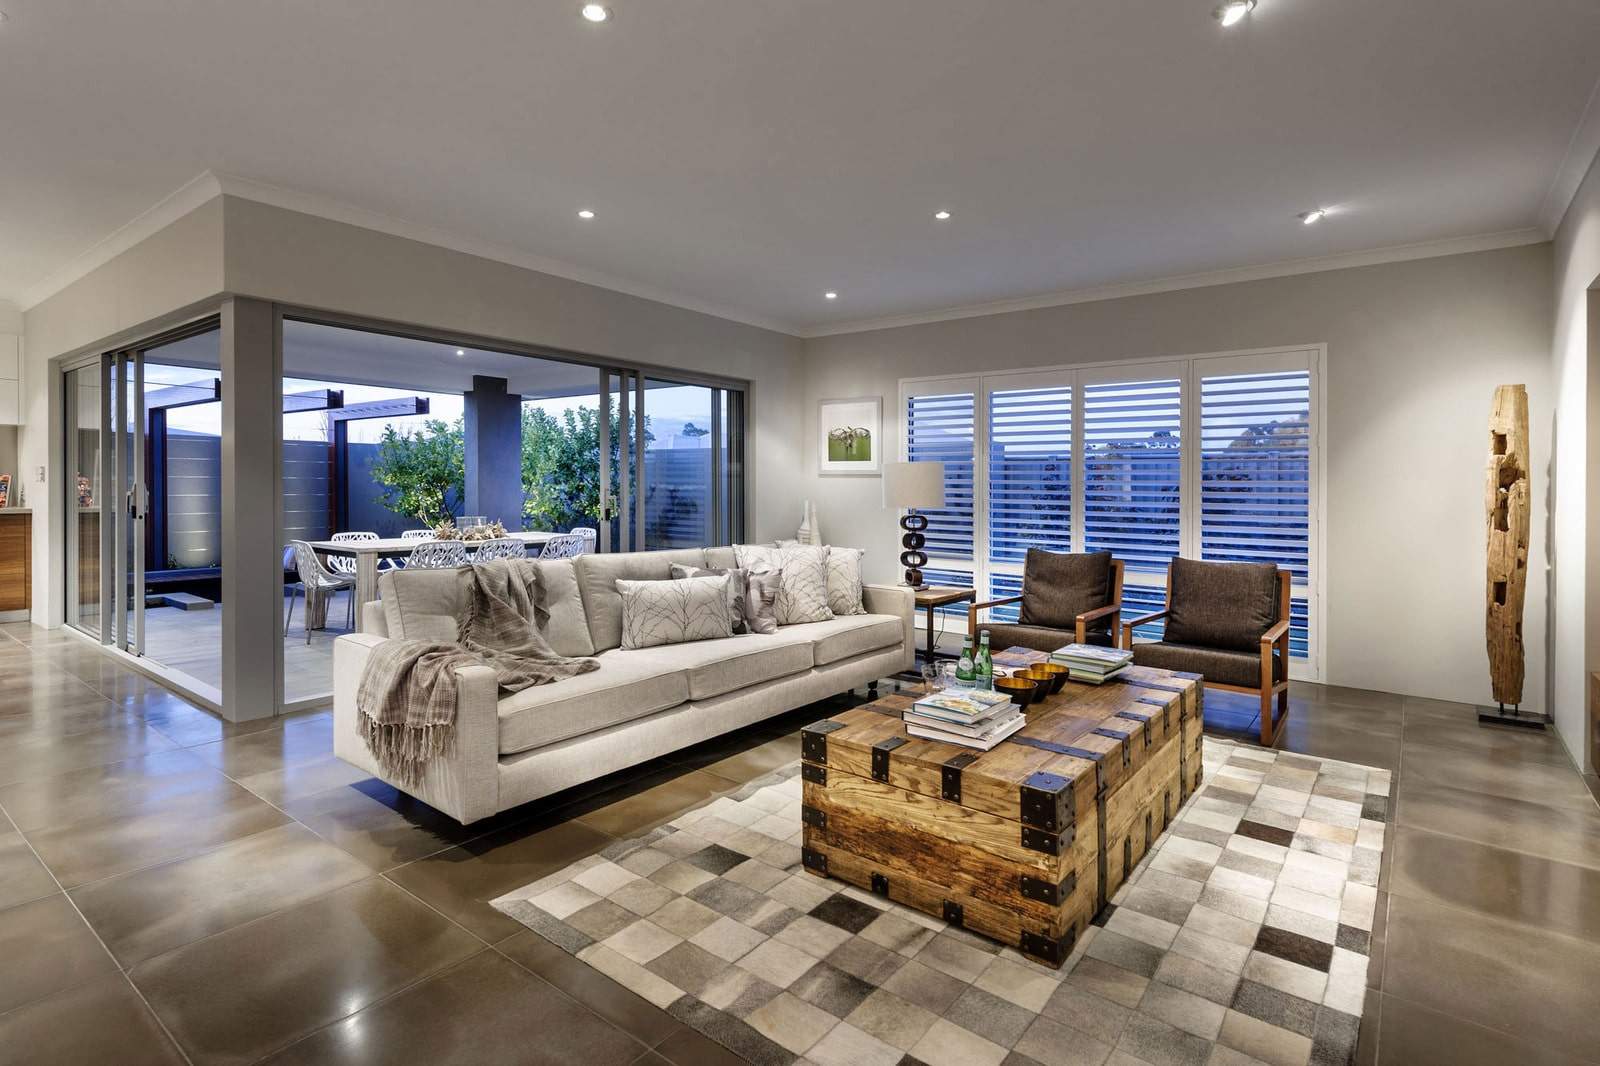 Dise o de casa moderna de dos pisos fachada e interiores for Interiores de diseño